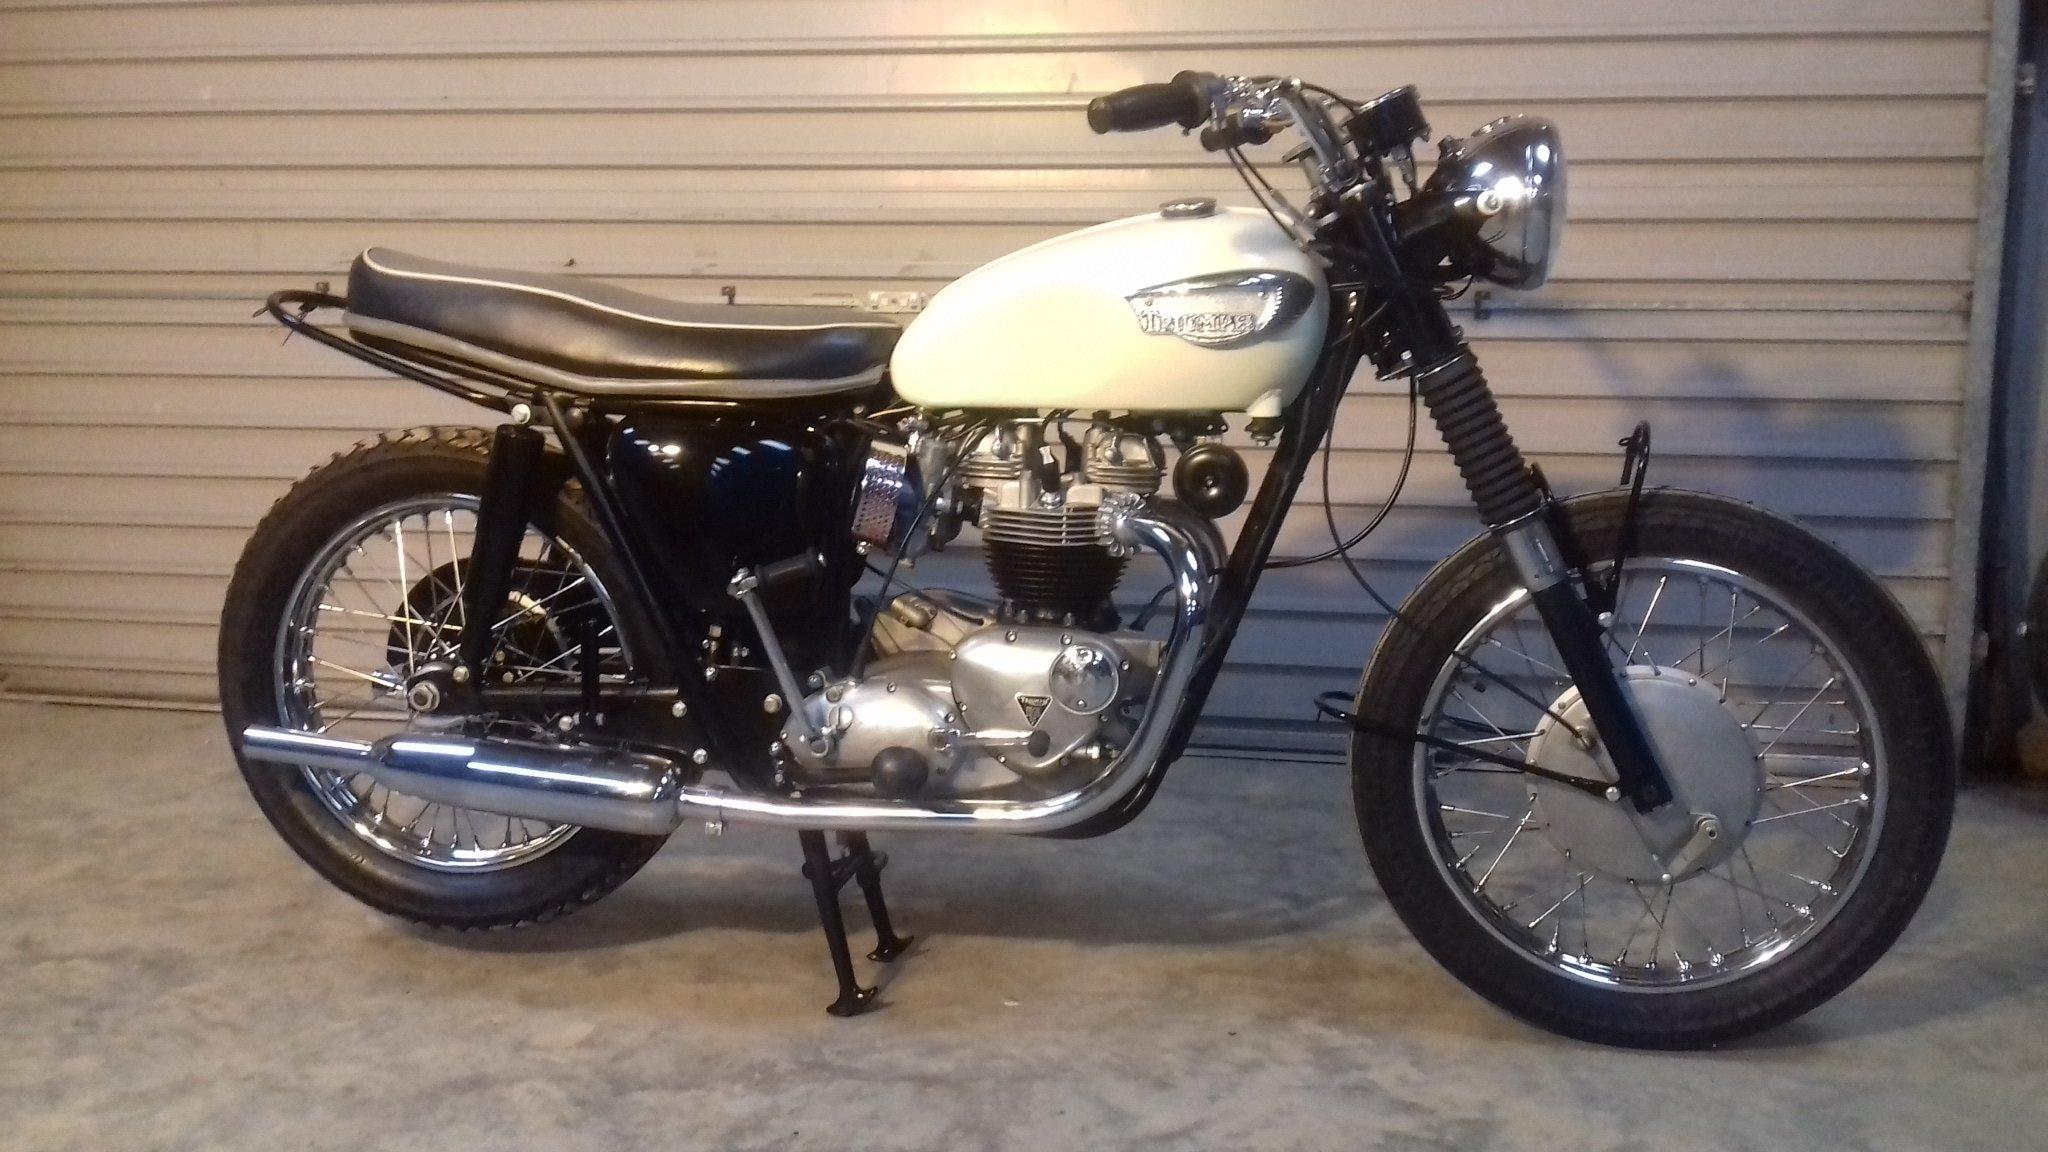 1967 Triumph Bonneville T120R For Sale (picture 1 of 6)